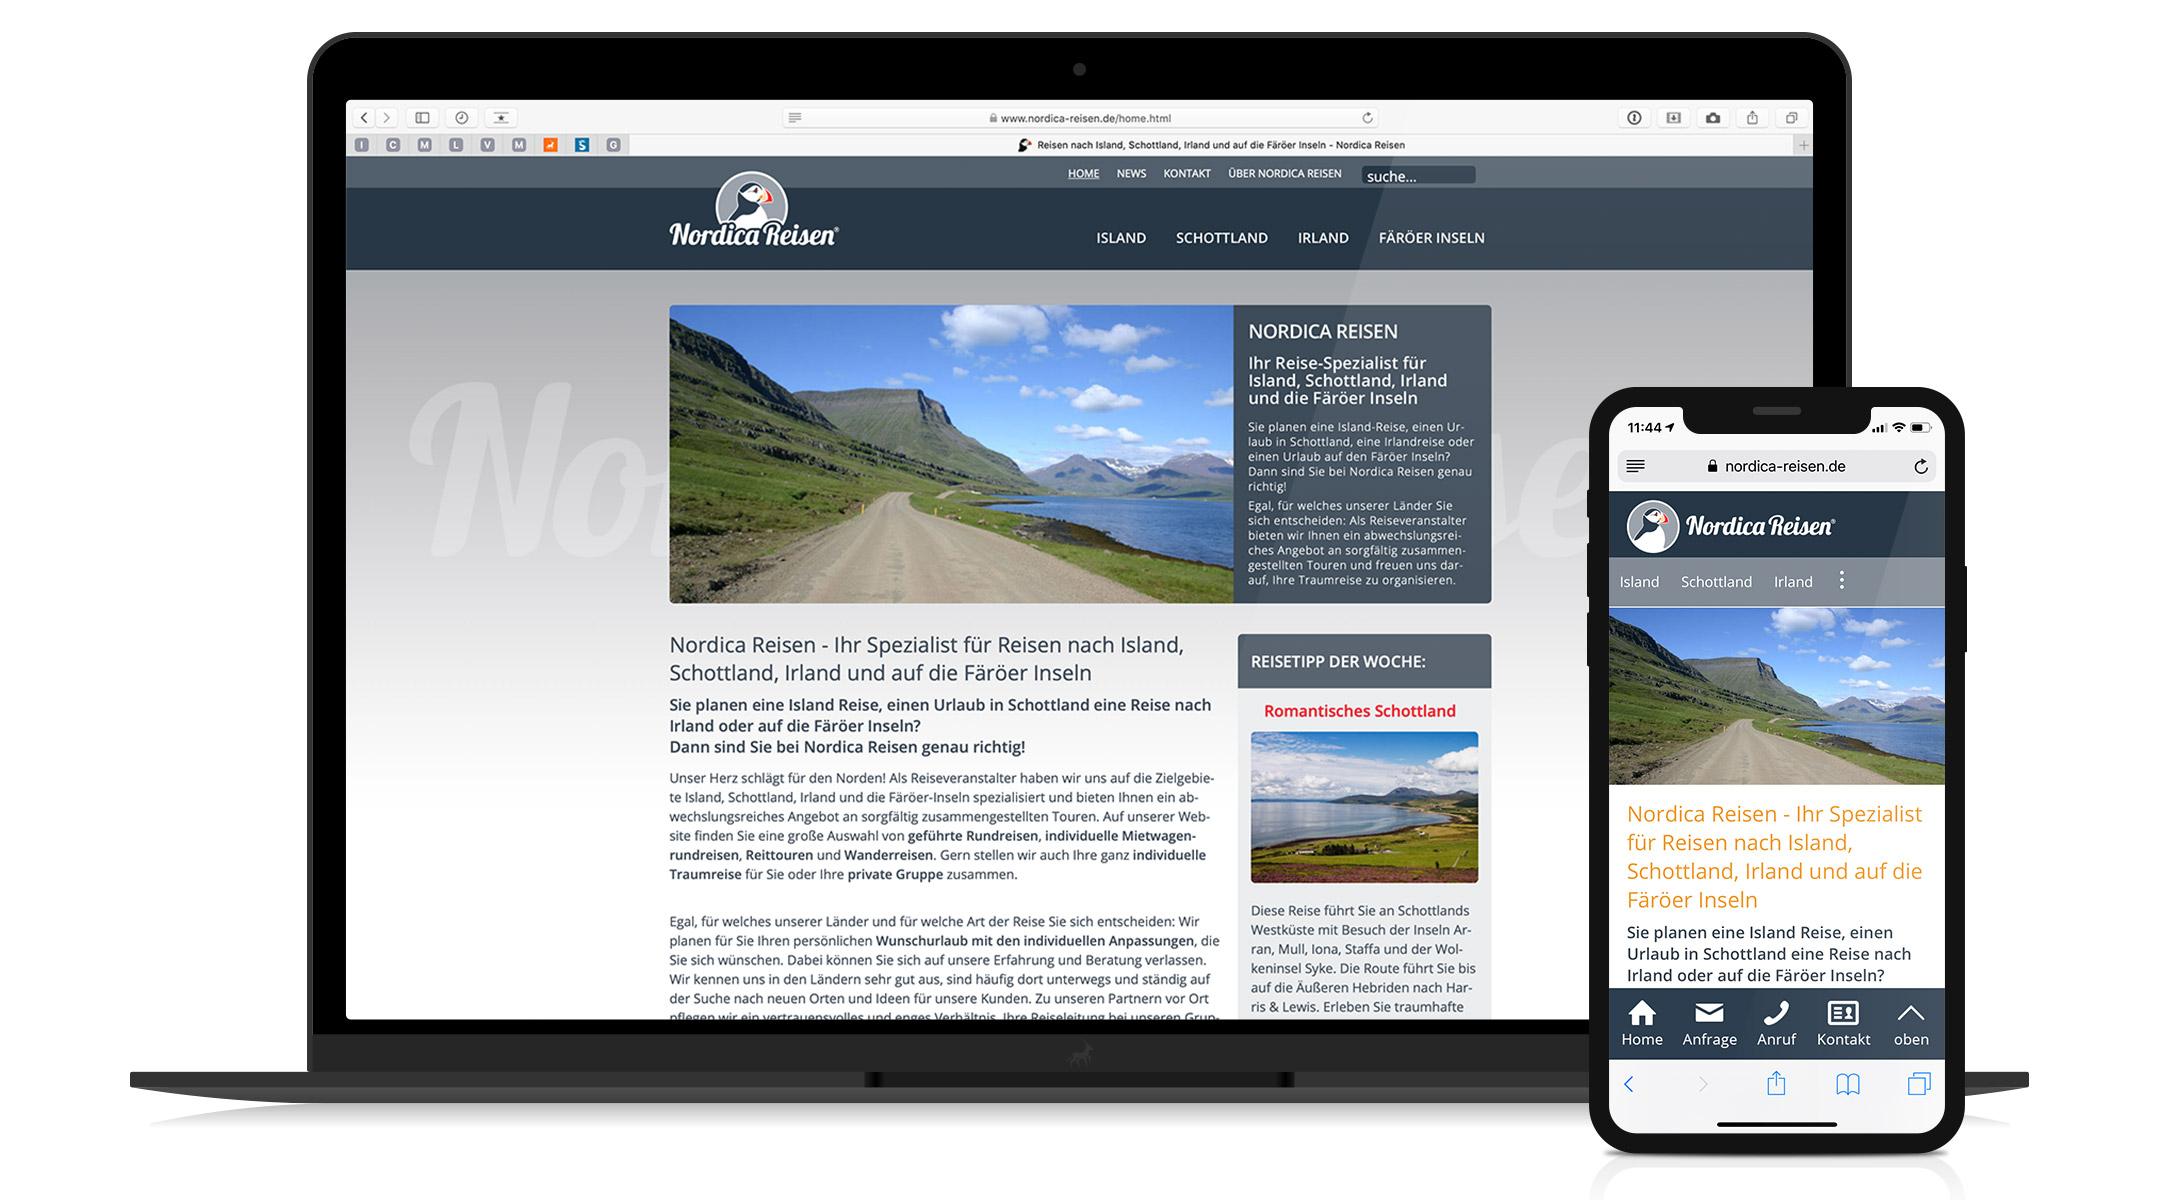 nordica-website-1